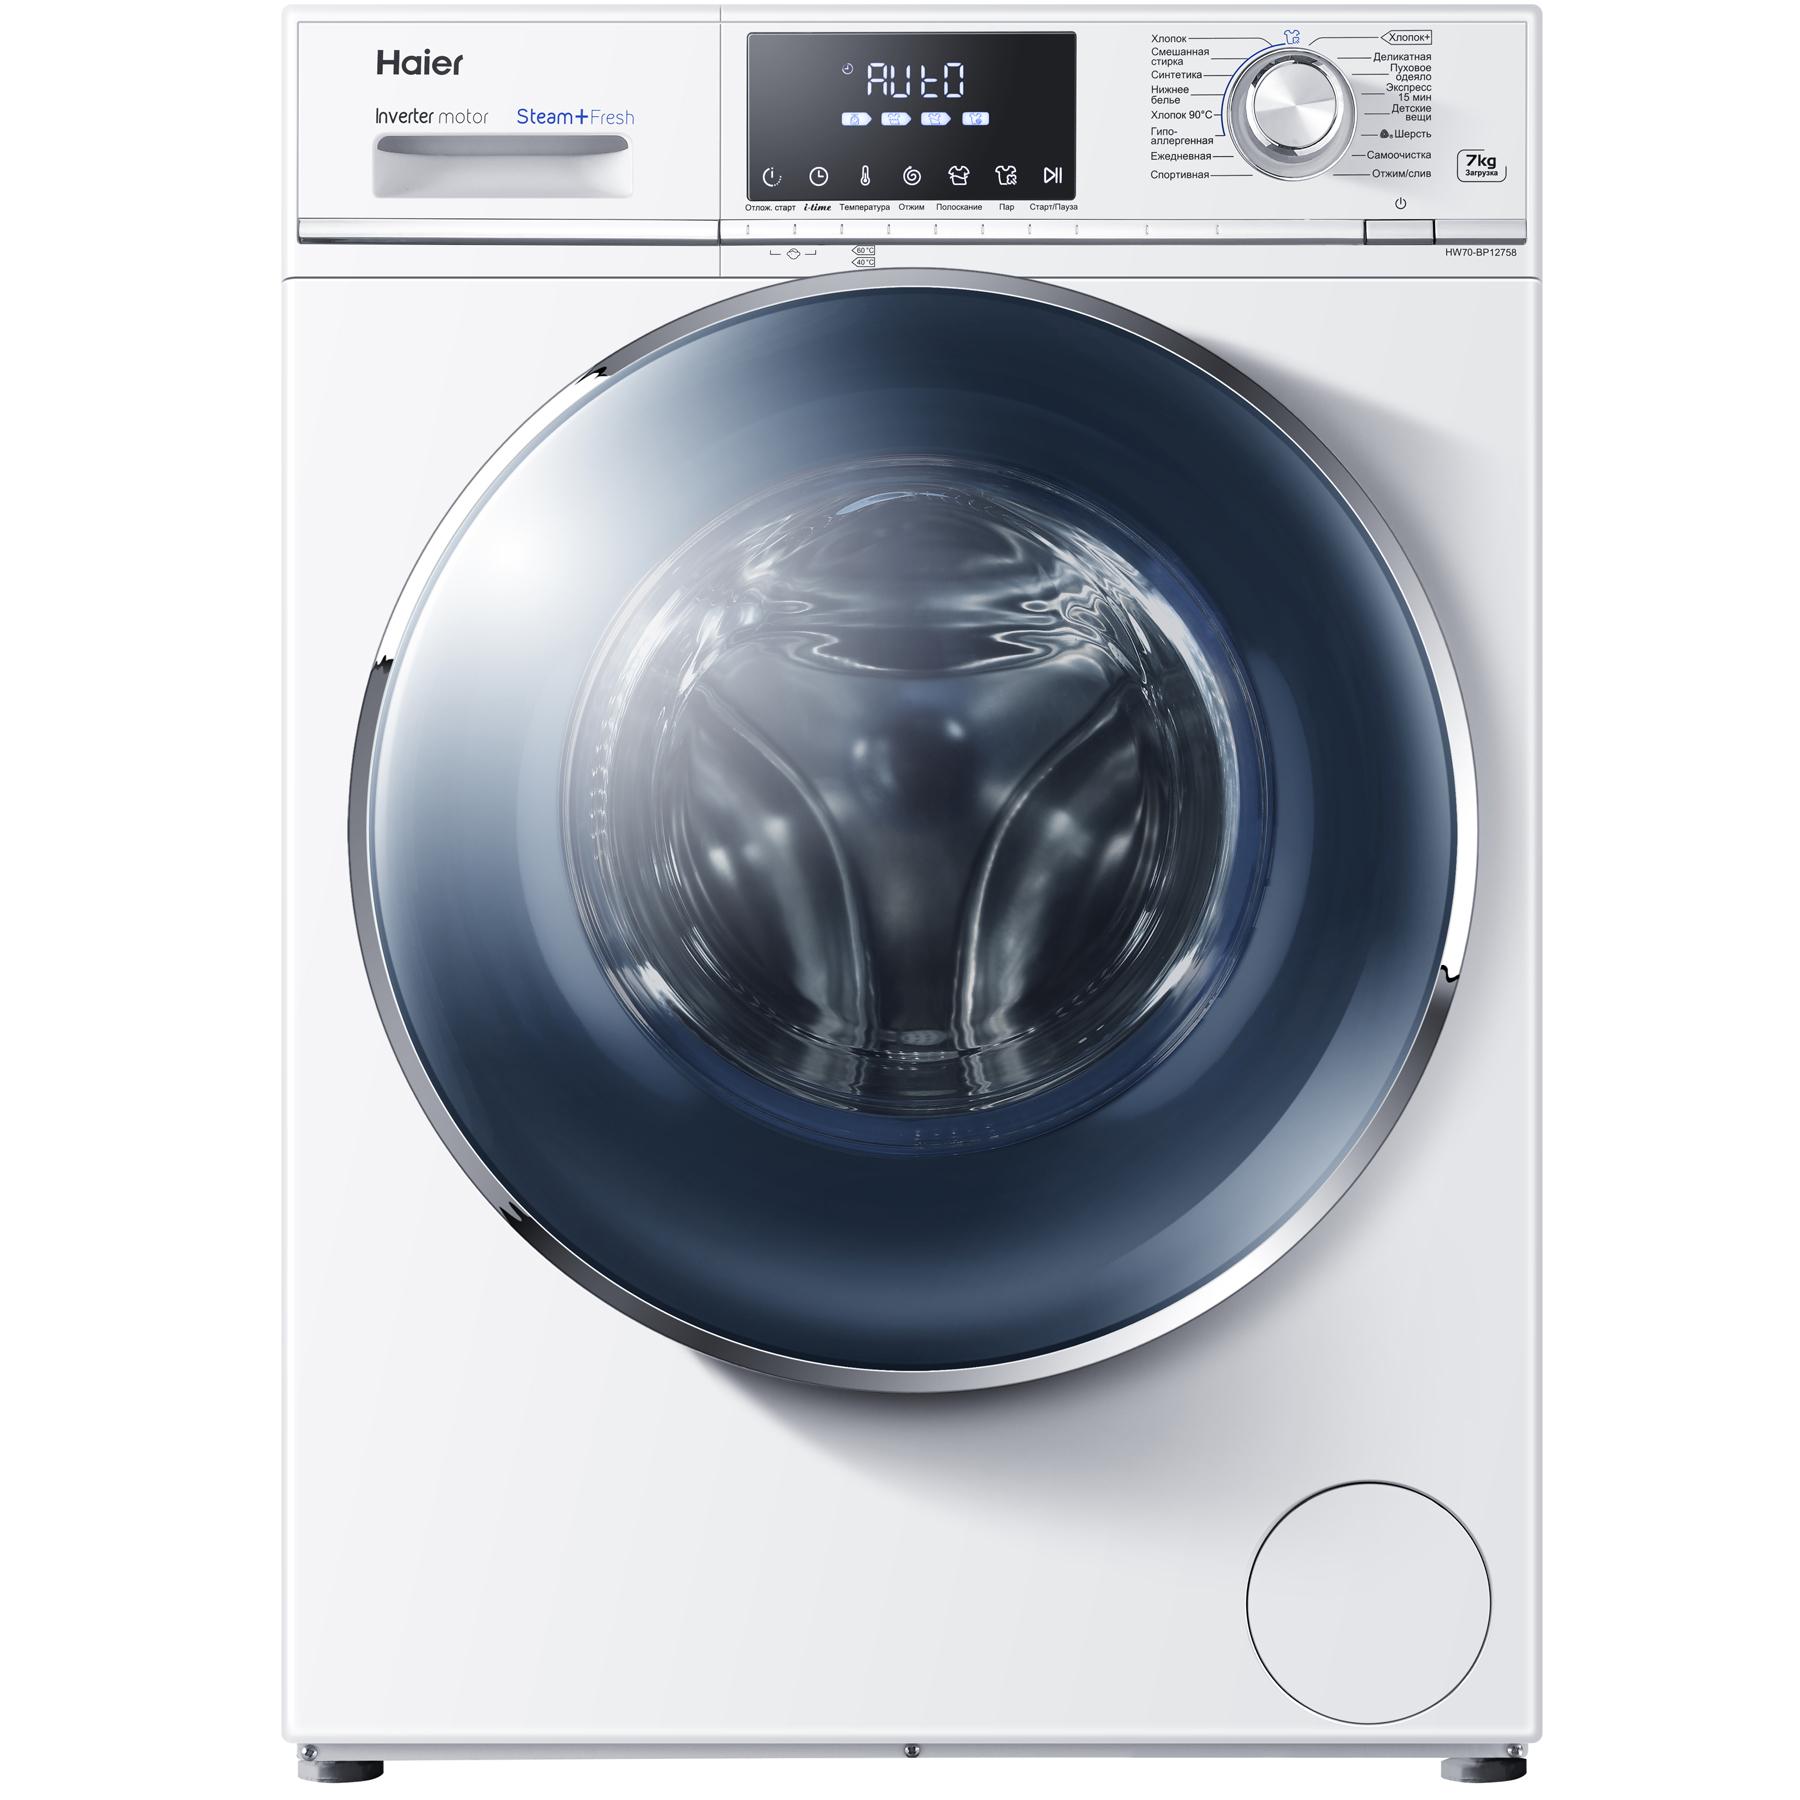 Отзывы пользователей о китайских стиральных машинах haier